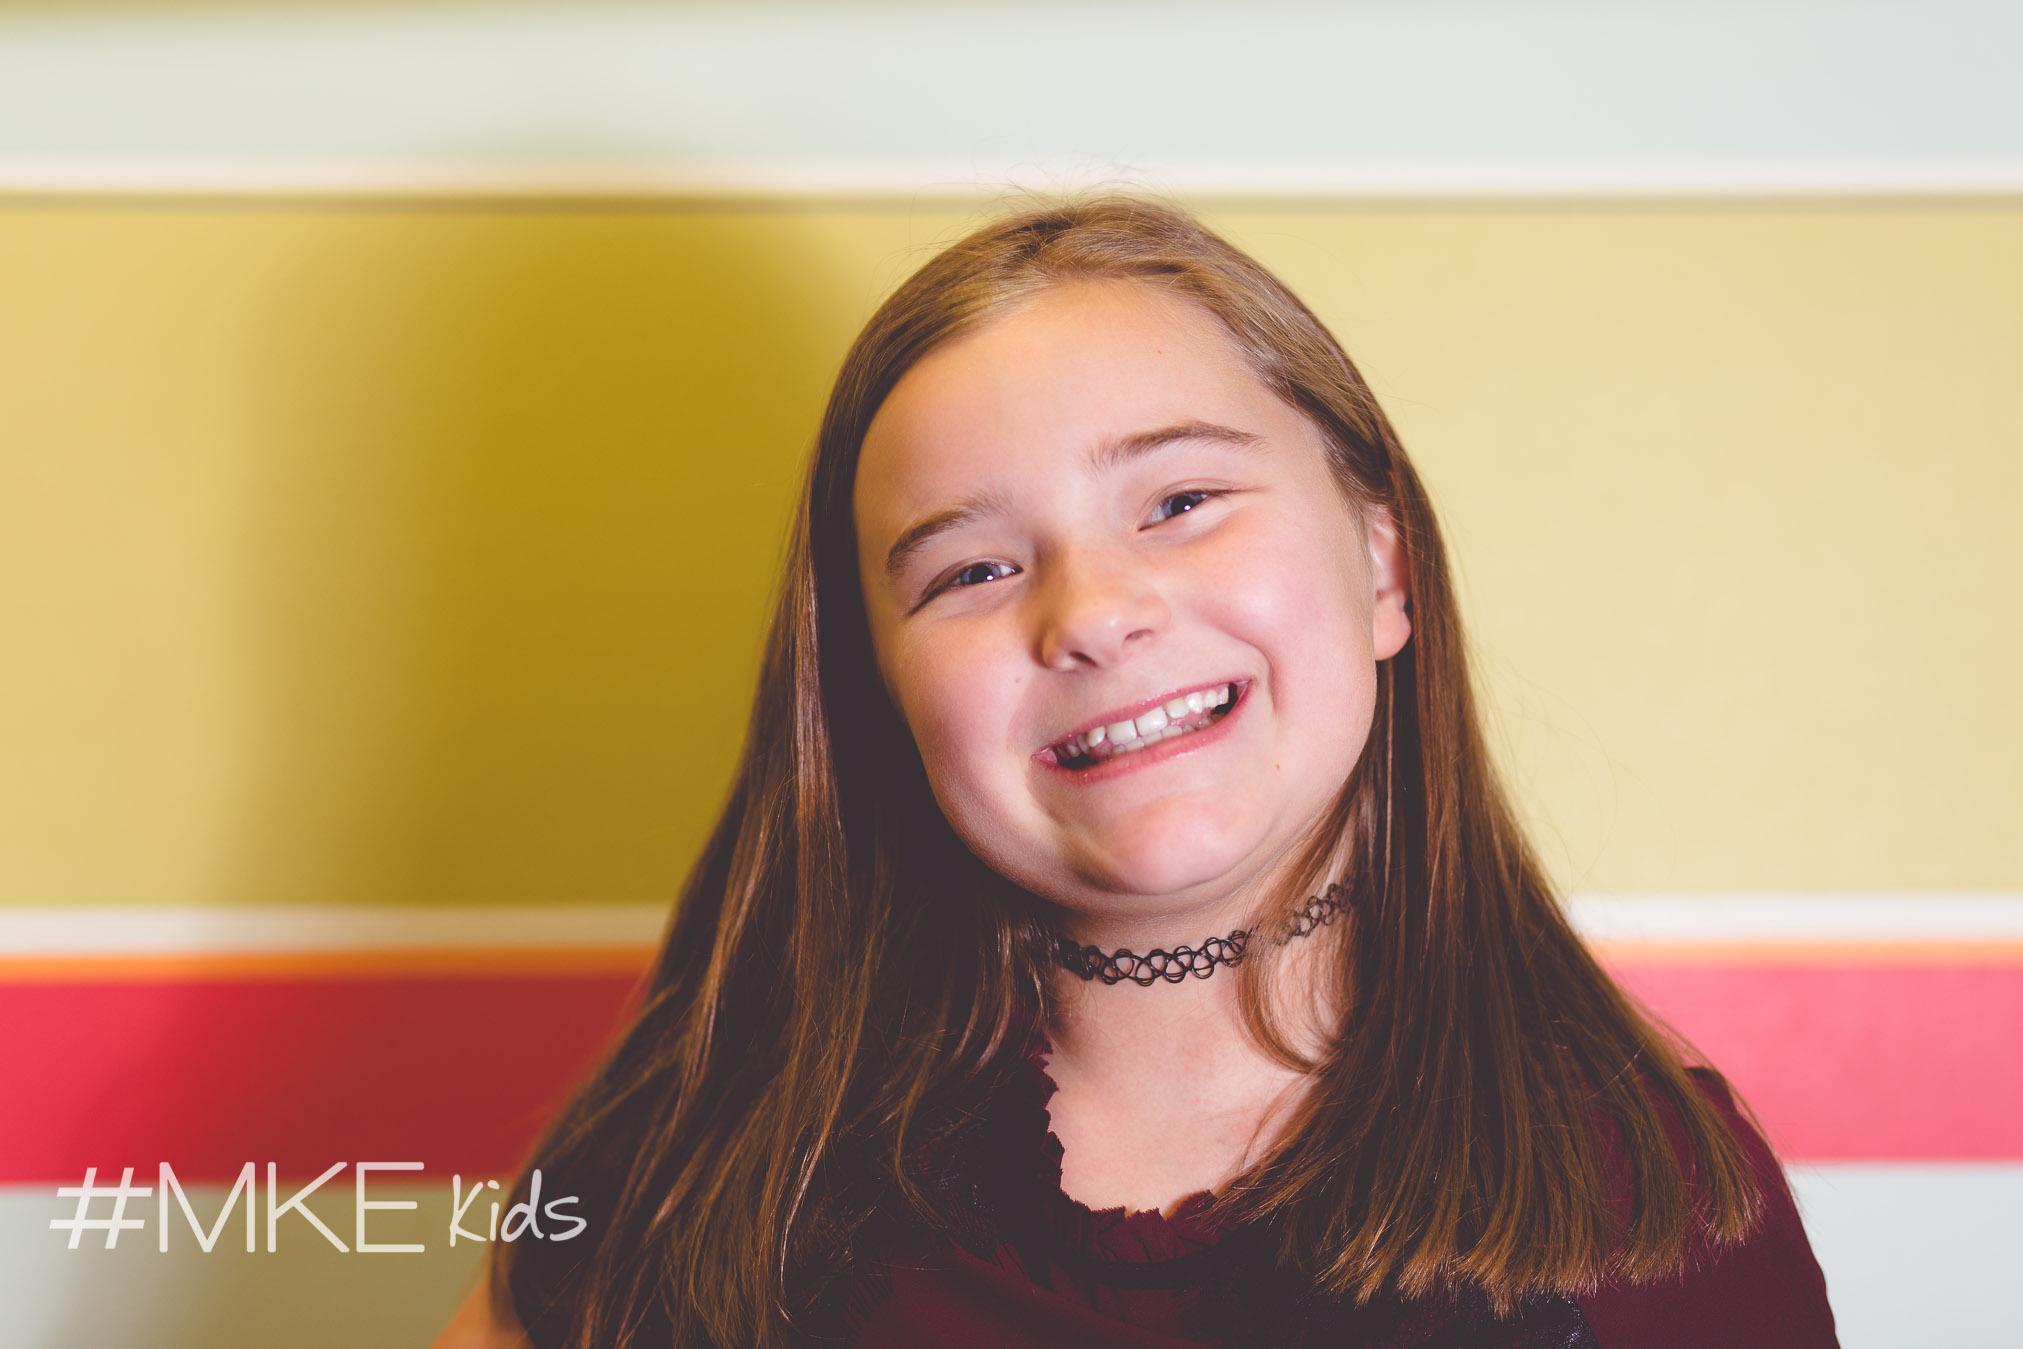 MKEkids tween birthday portraits